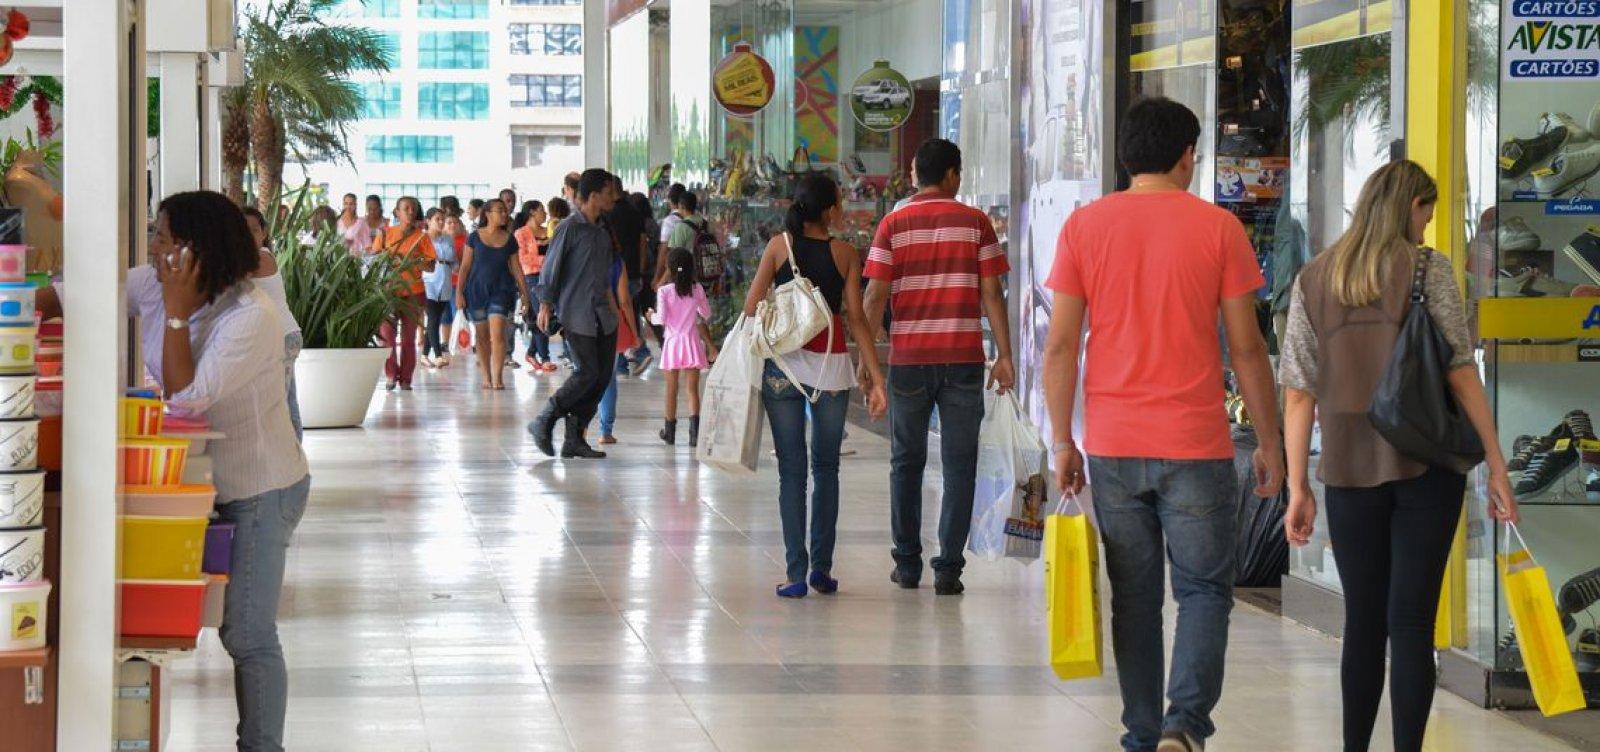 Vendas no mês do Natal devem crescer 3,6% na Bahia, estima Fecomércio